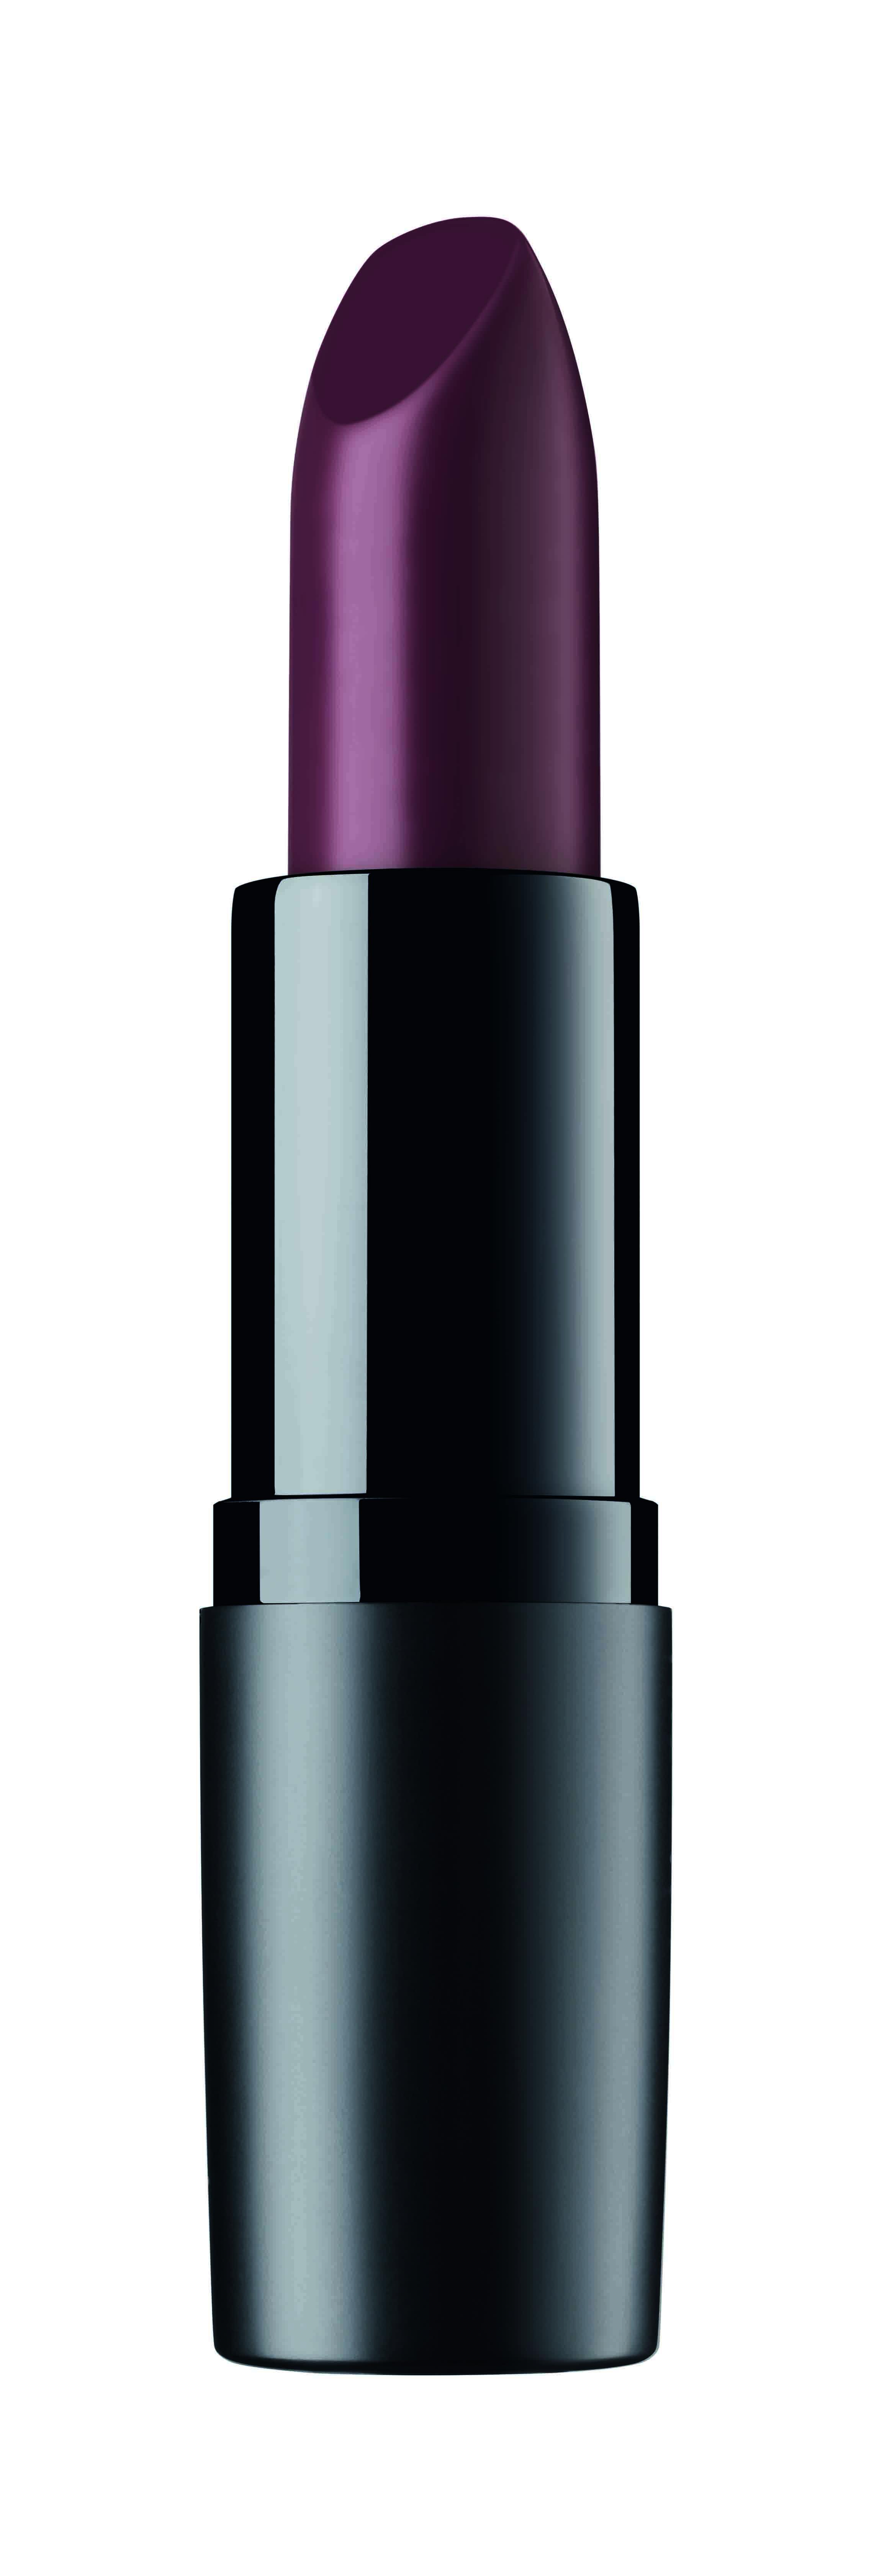 Artdeco помада для губ матовая стойкая Perfect mat lipstick 138 4гPMB 0805Устойчивая помада с матовой текстурой - модный эффект и безупречный макияж губ весь день! Благодаря воскам в составе, помада идеально наносится, равномерно распределяется и не растекается за контуры губ. Интенсивный цвет и бархатная матовая текстура помогают создать яркий и соблазнительный макияж губ.